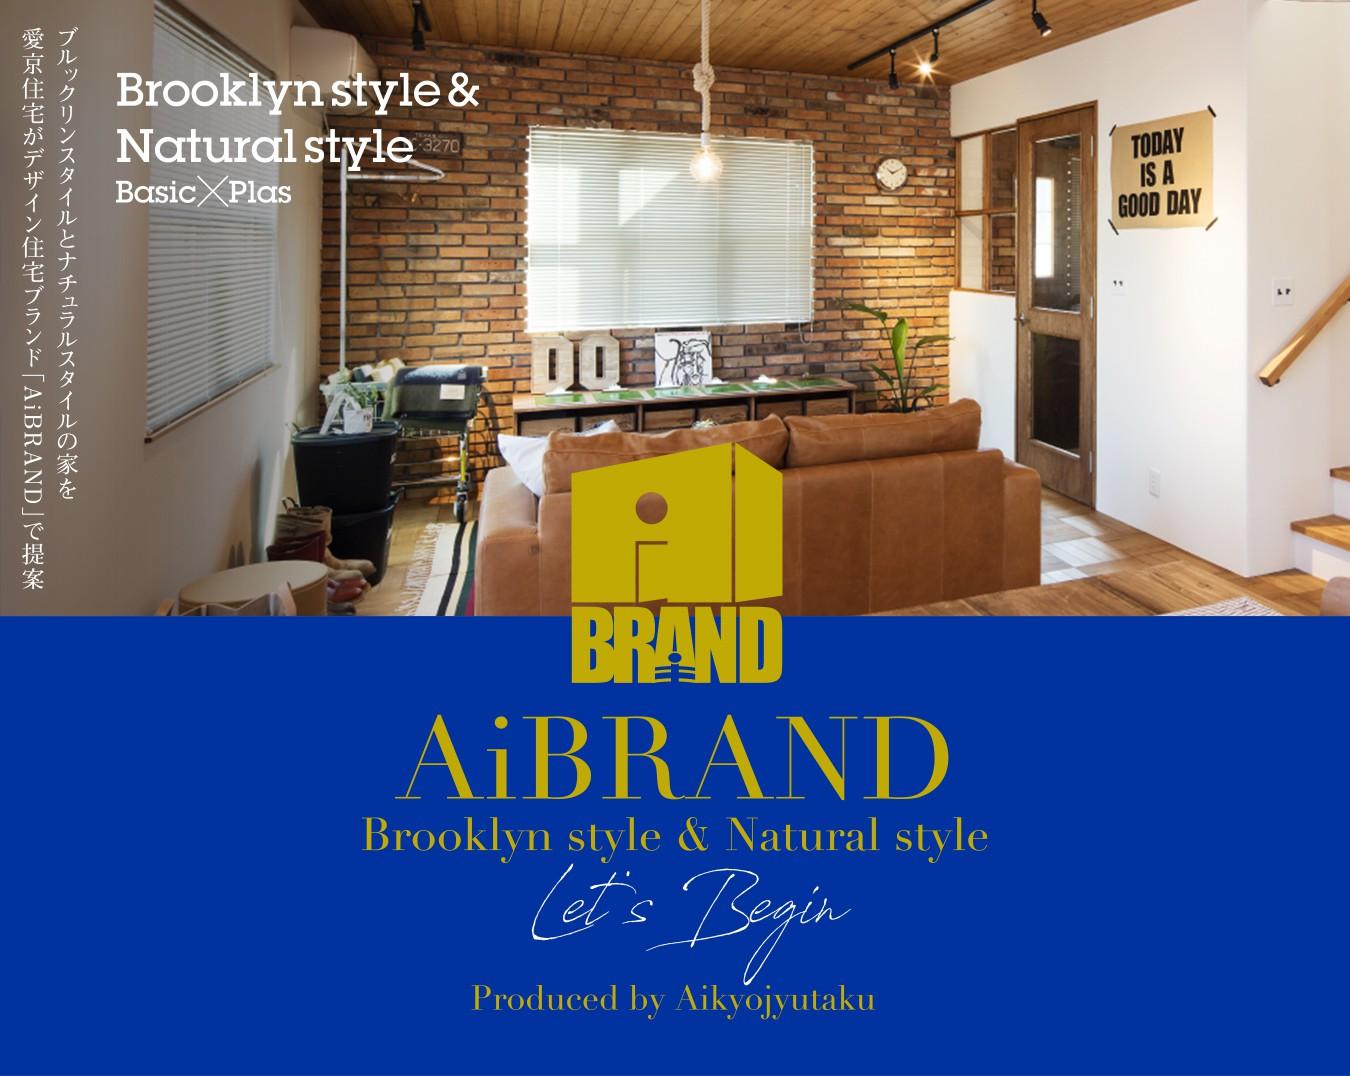 ナチュラルスタイルとブルックリンスタイルの家を愛京住宅がデザイン住宅ブランド「AiBRAND」で提案